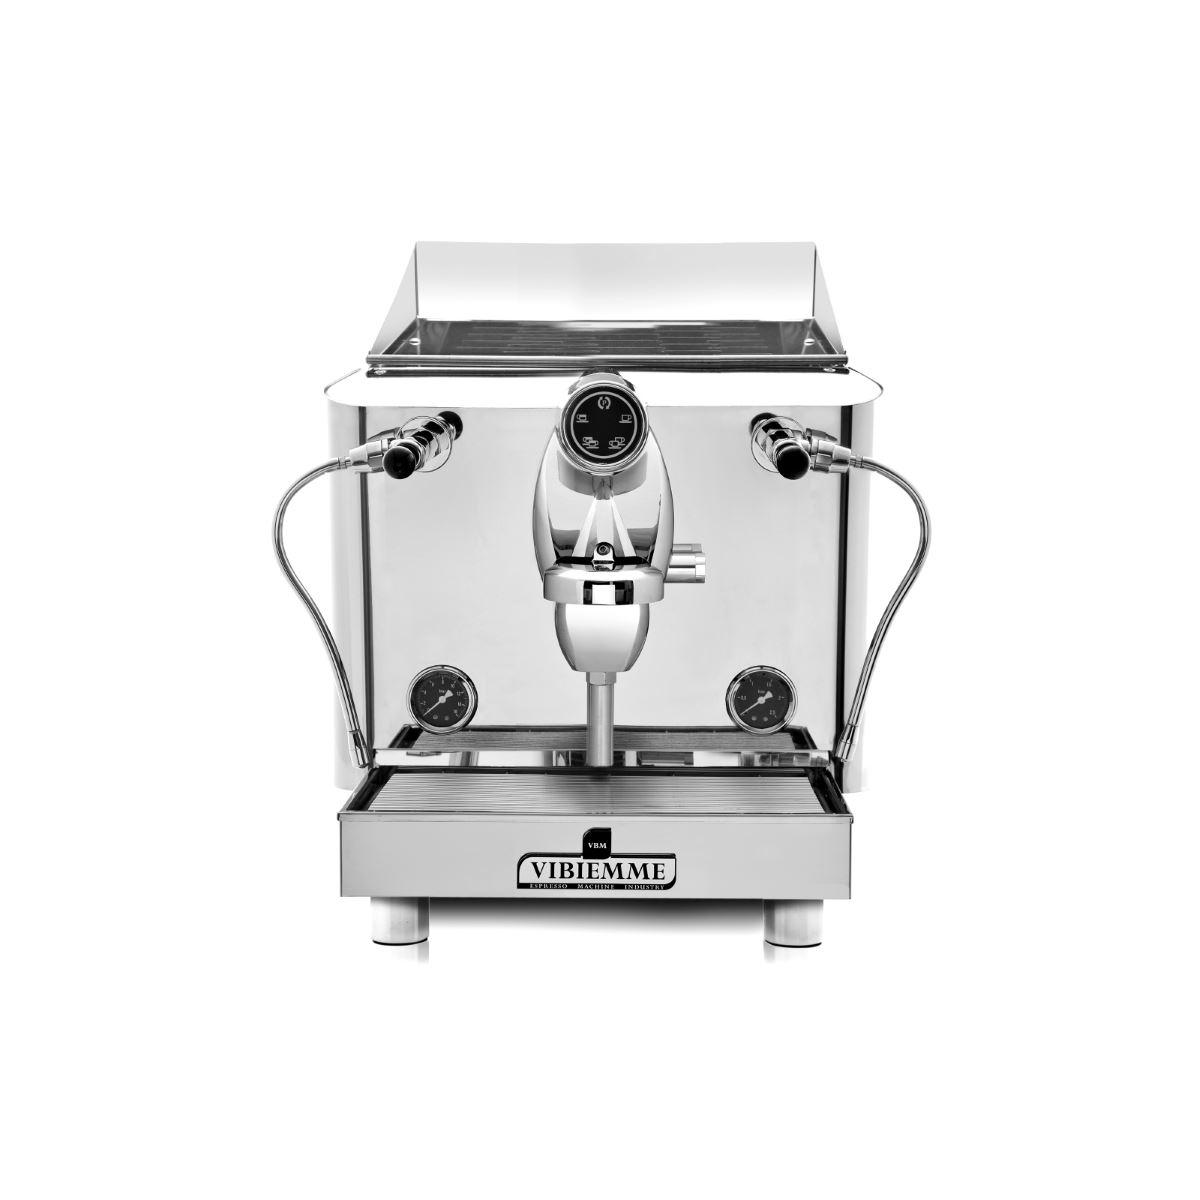 Macchina caffè professionale Vibiemme Lollo Elettronica, 1 gruppo